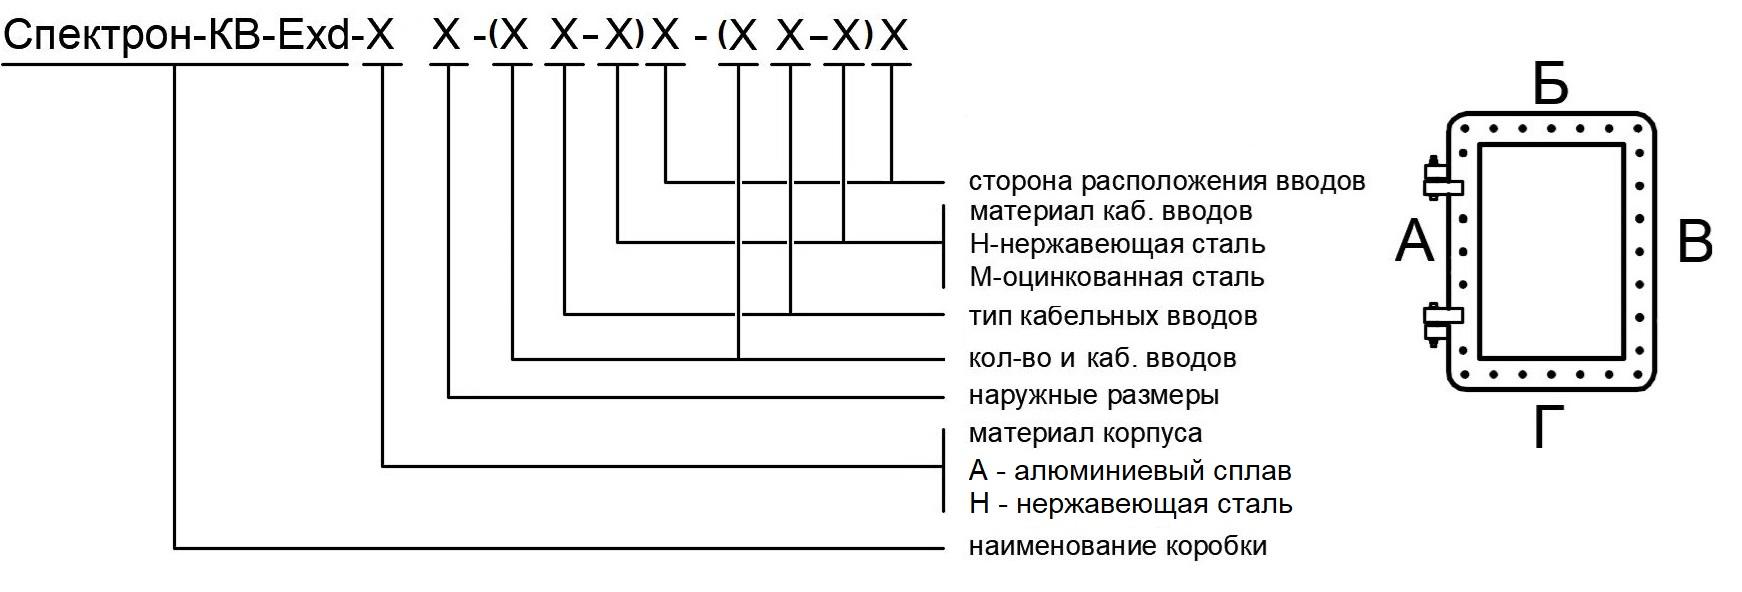 ВЗРЫВОЗАЩИЩЕННАЯ КОРОБКА EXD ИЗ АЛЮМИНИЯ